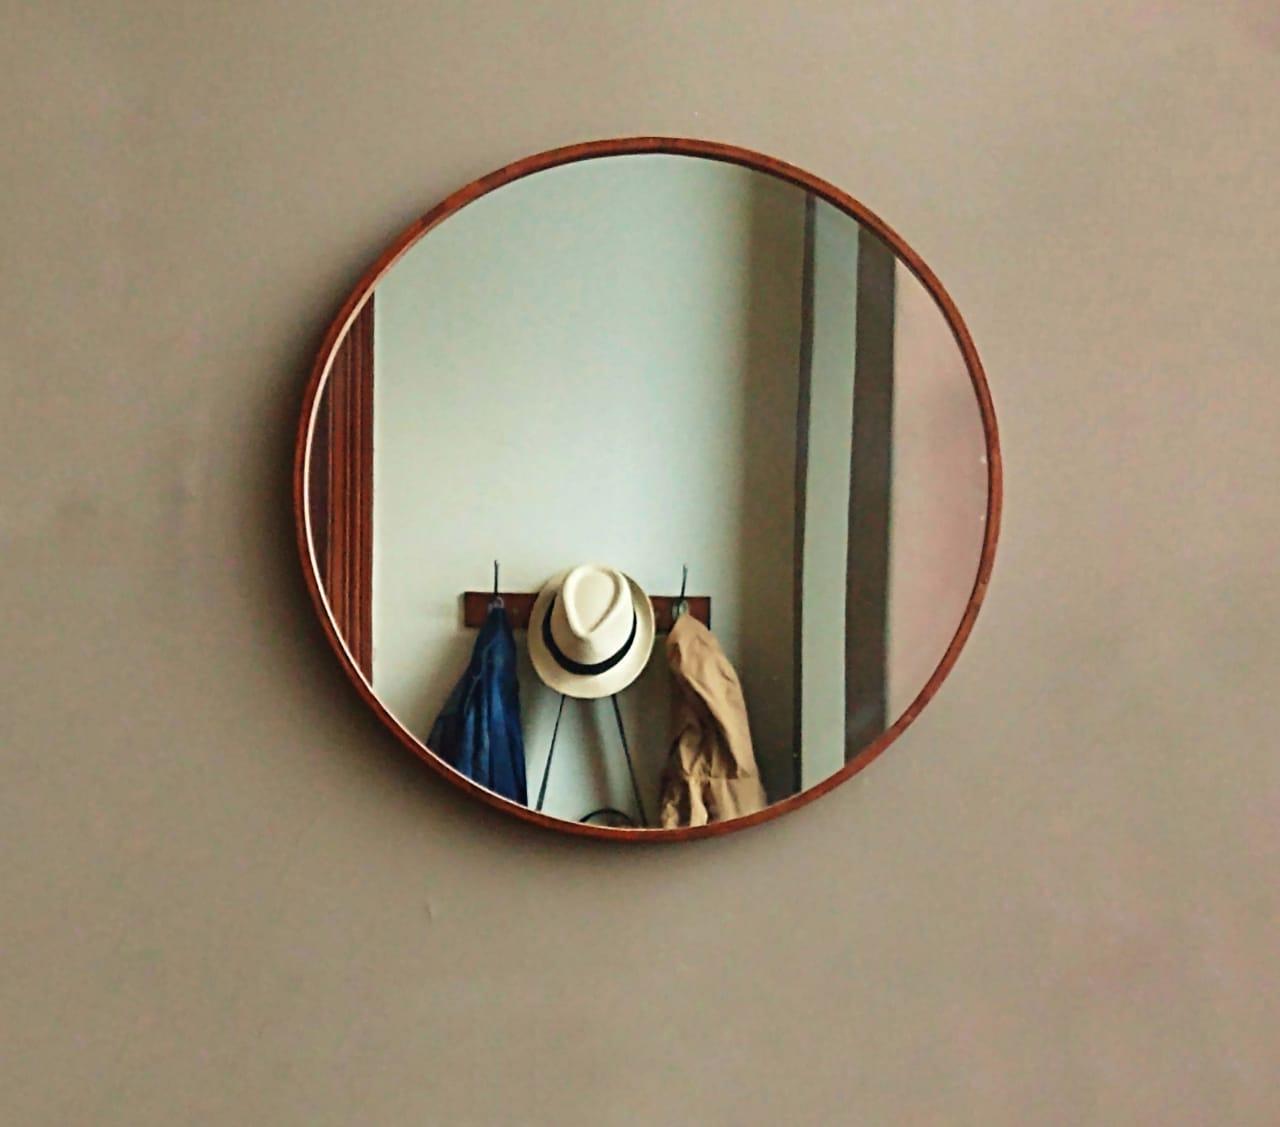 El espejo redondo es tendencia deco ¡en todas partes!: ideas y modelos para elegirlo